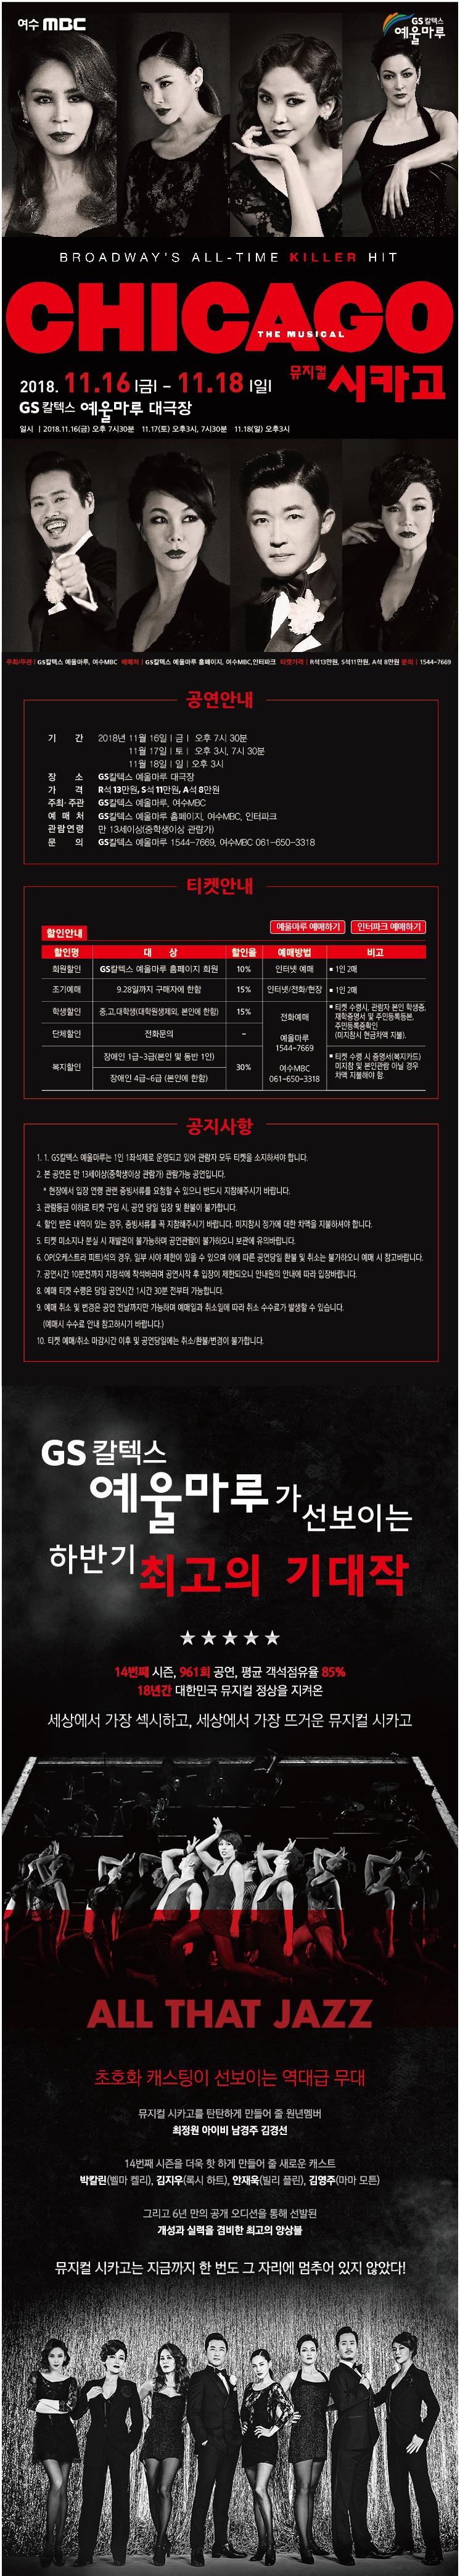 뮤지컬 시카고 여수공연(11/16~11/18) 행사정보